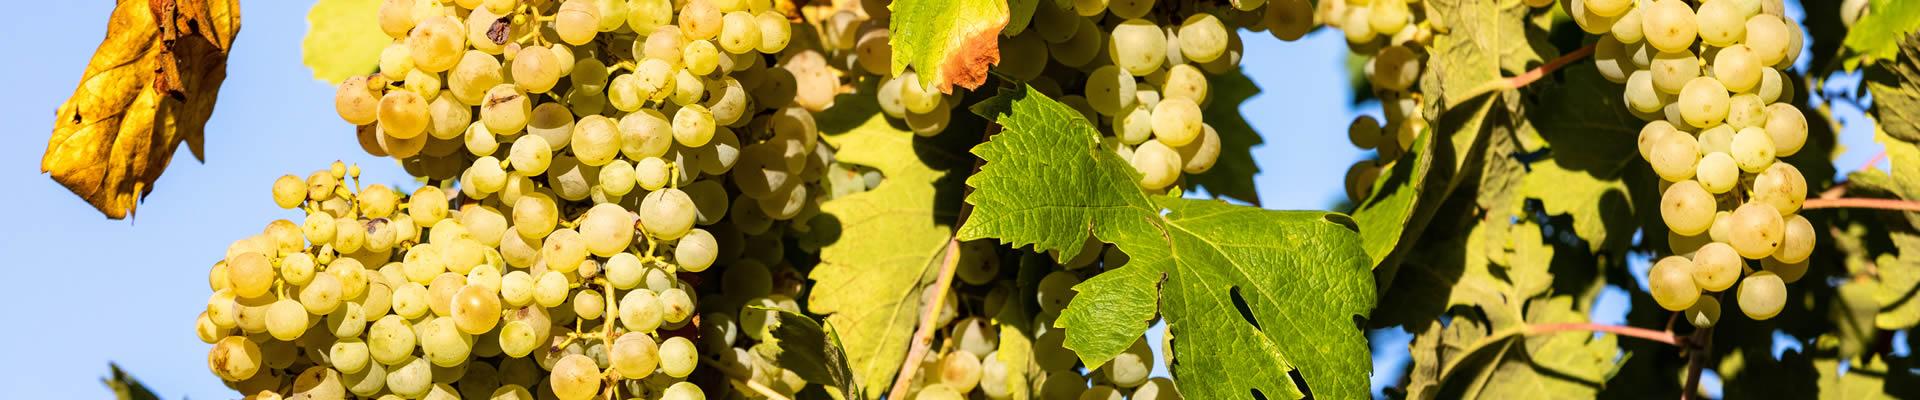 Glera grapes grown for Prosecco wine